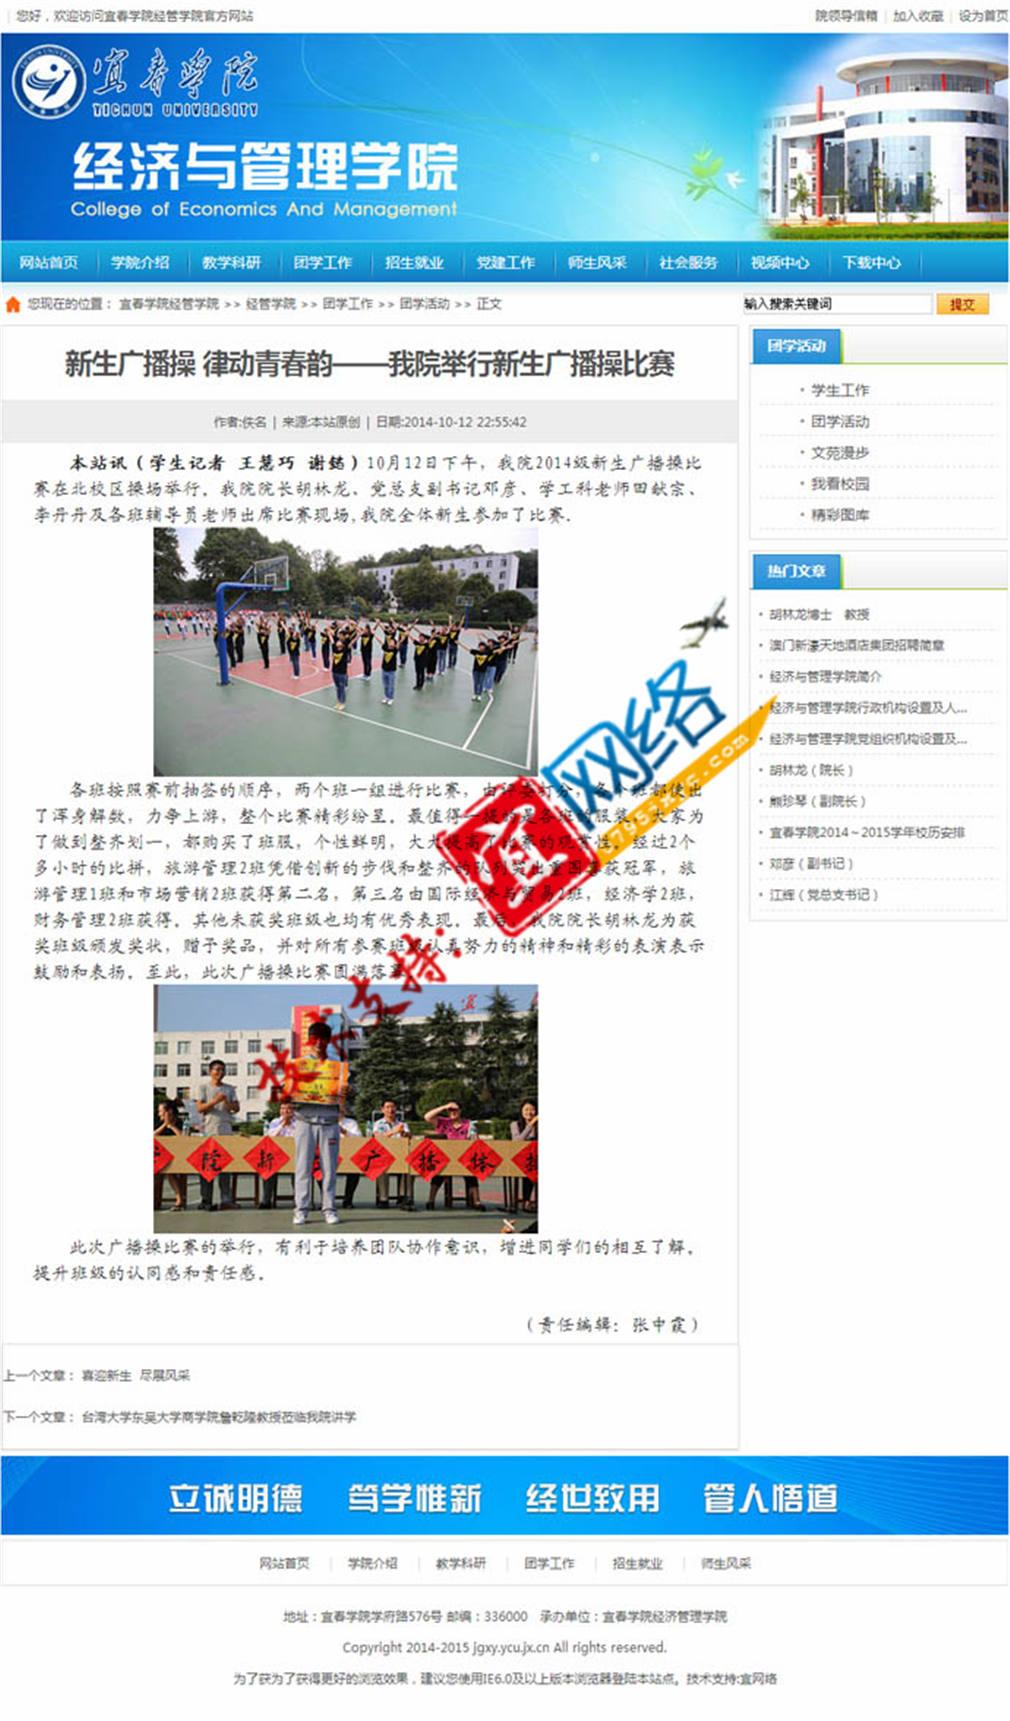 宜春学院经管学院亚搏直播app内容页